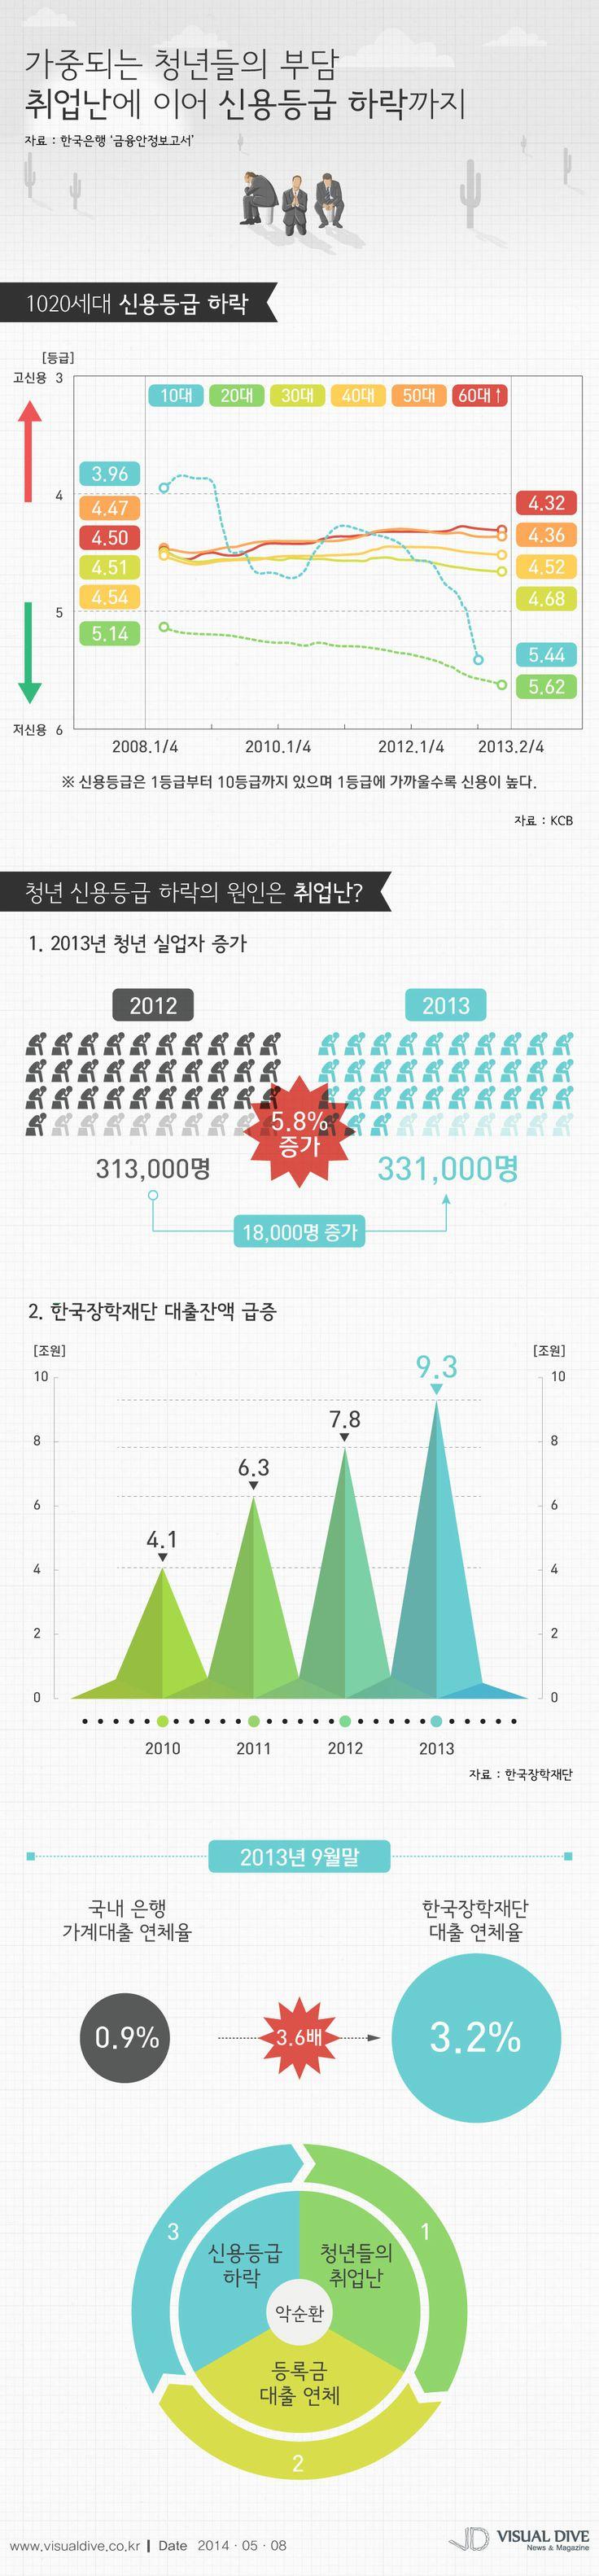 1020세대 신용등급 하락, 취업난에 신용 악화까지 [인포그래픽] #credit #Infographic ⓒ 비주얼다이브 무단 복사·전재·재배포